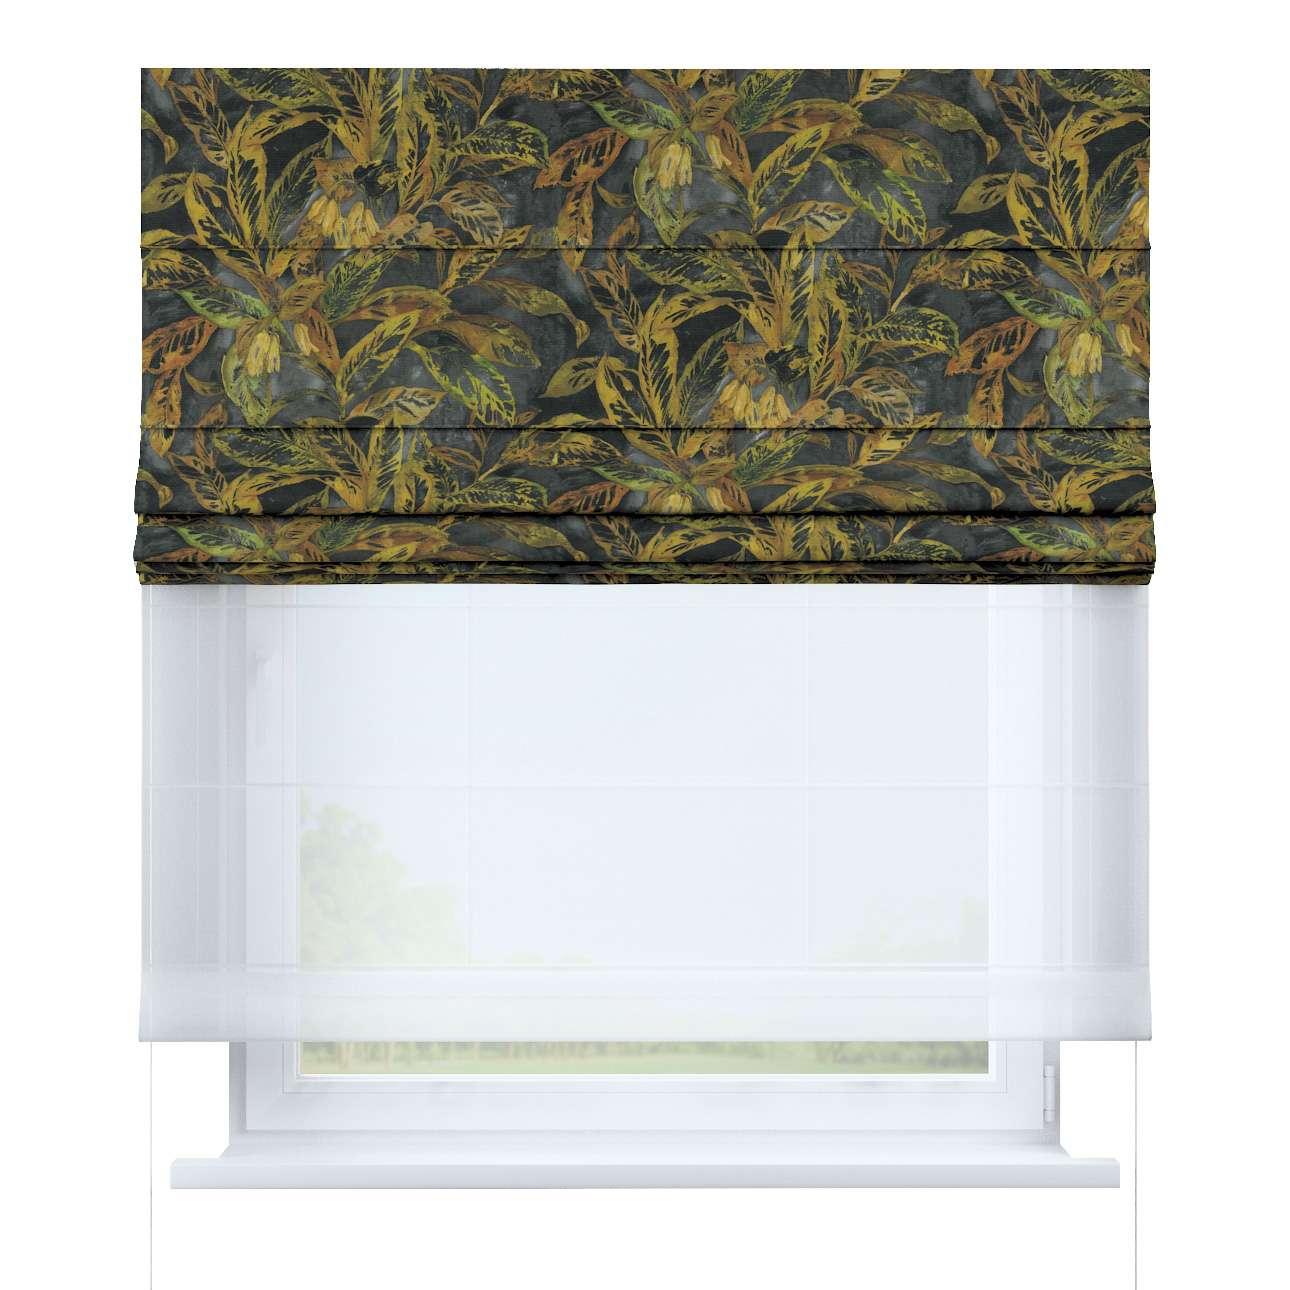 Roleta rzymska Duo w kolekcji Abigail, tkanina: 143-01